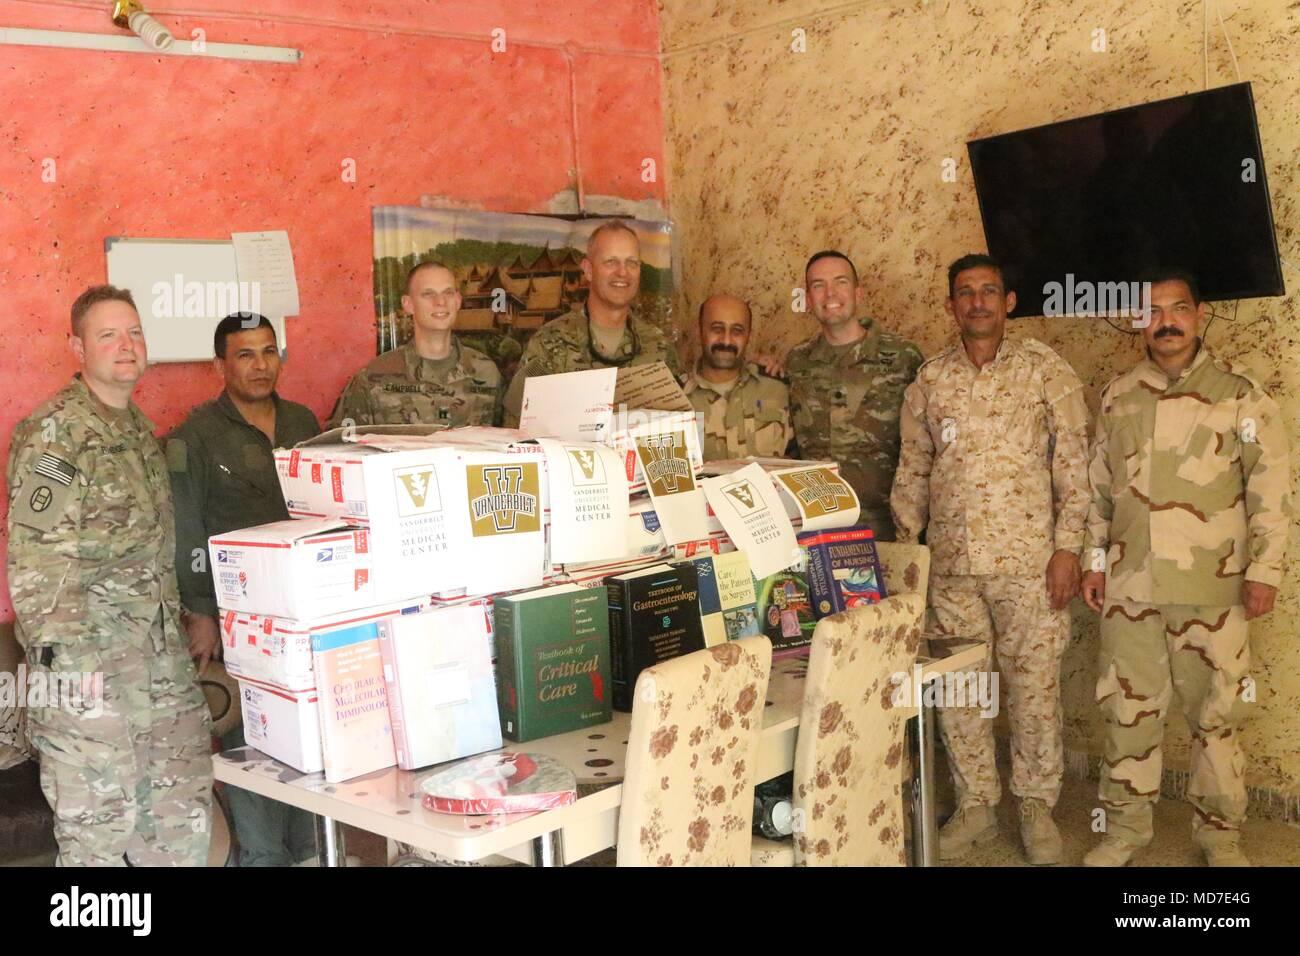 TAJI MILITARY COMPLEX, Iraq –The 449th Combat Aviation Brigade